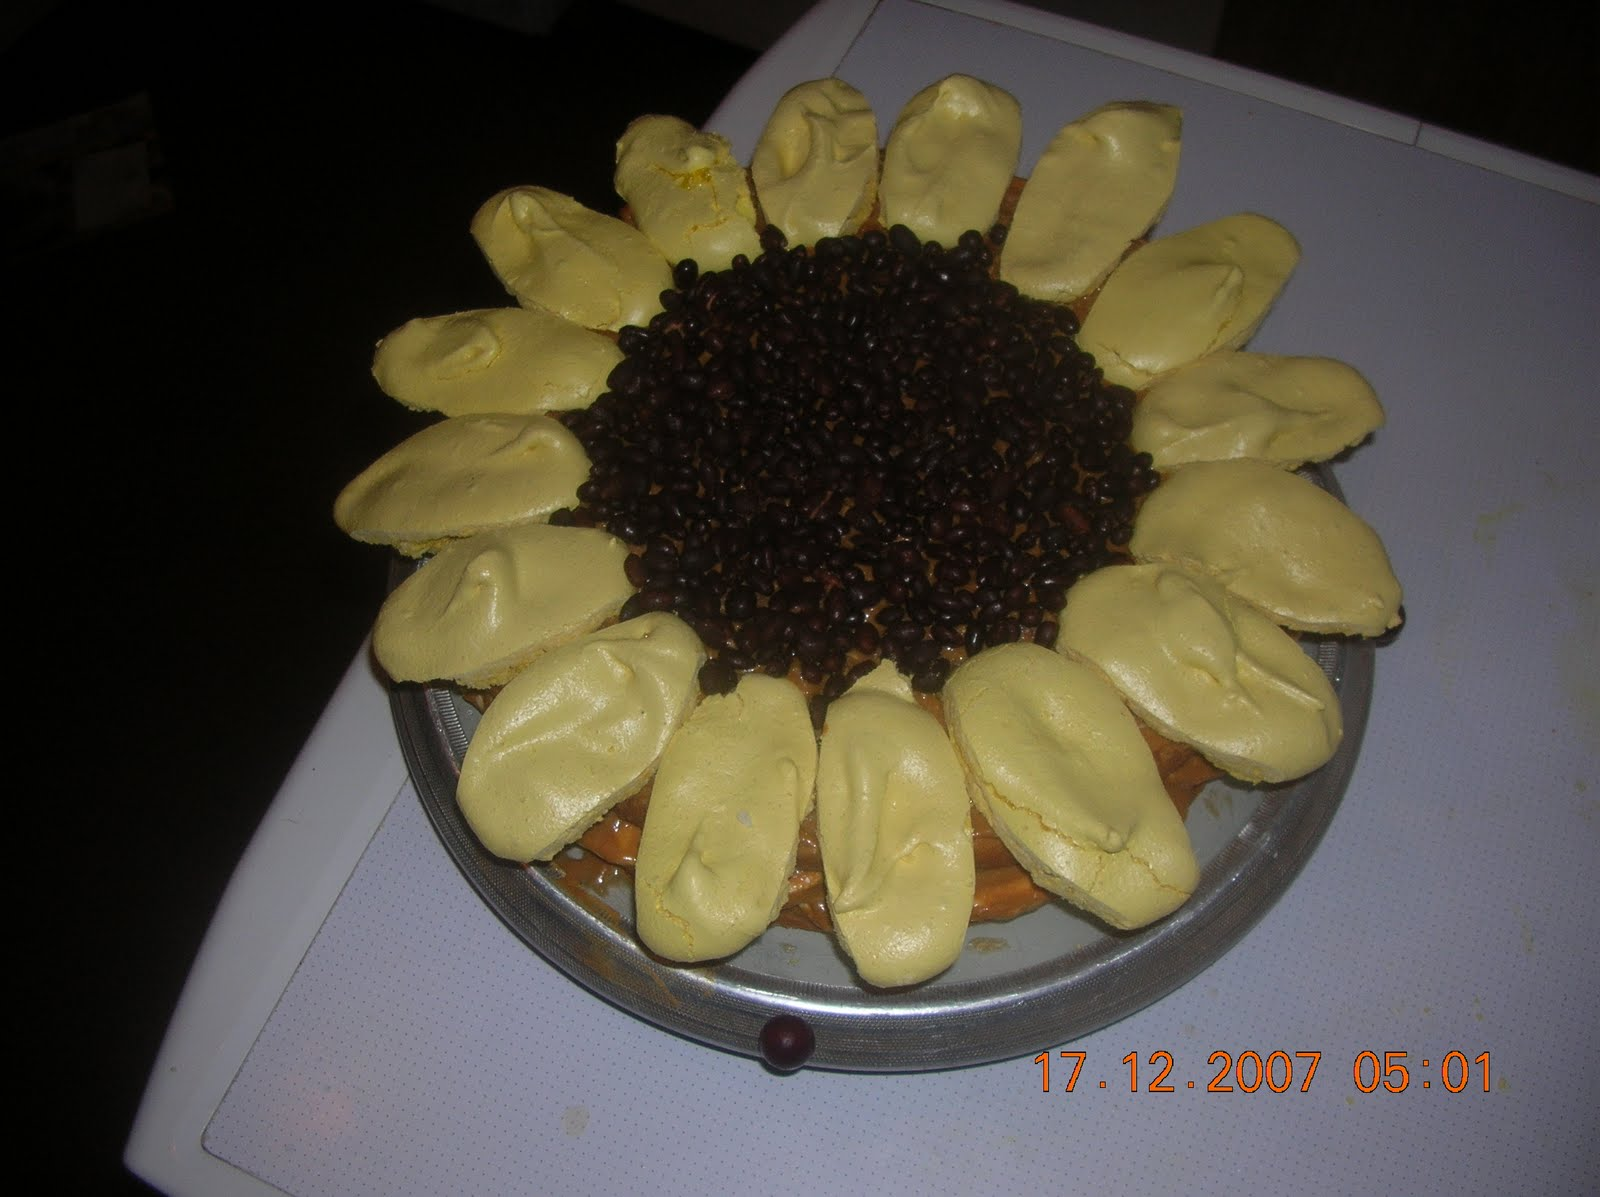 http://3.bp.blogspot.com/_qd_B-IrMYc4/Swp4stbk4UI/AAAAAAAAAcE/LOu-2JCHLzI/s1600/DSCN3618.JPG